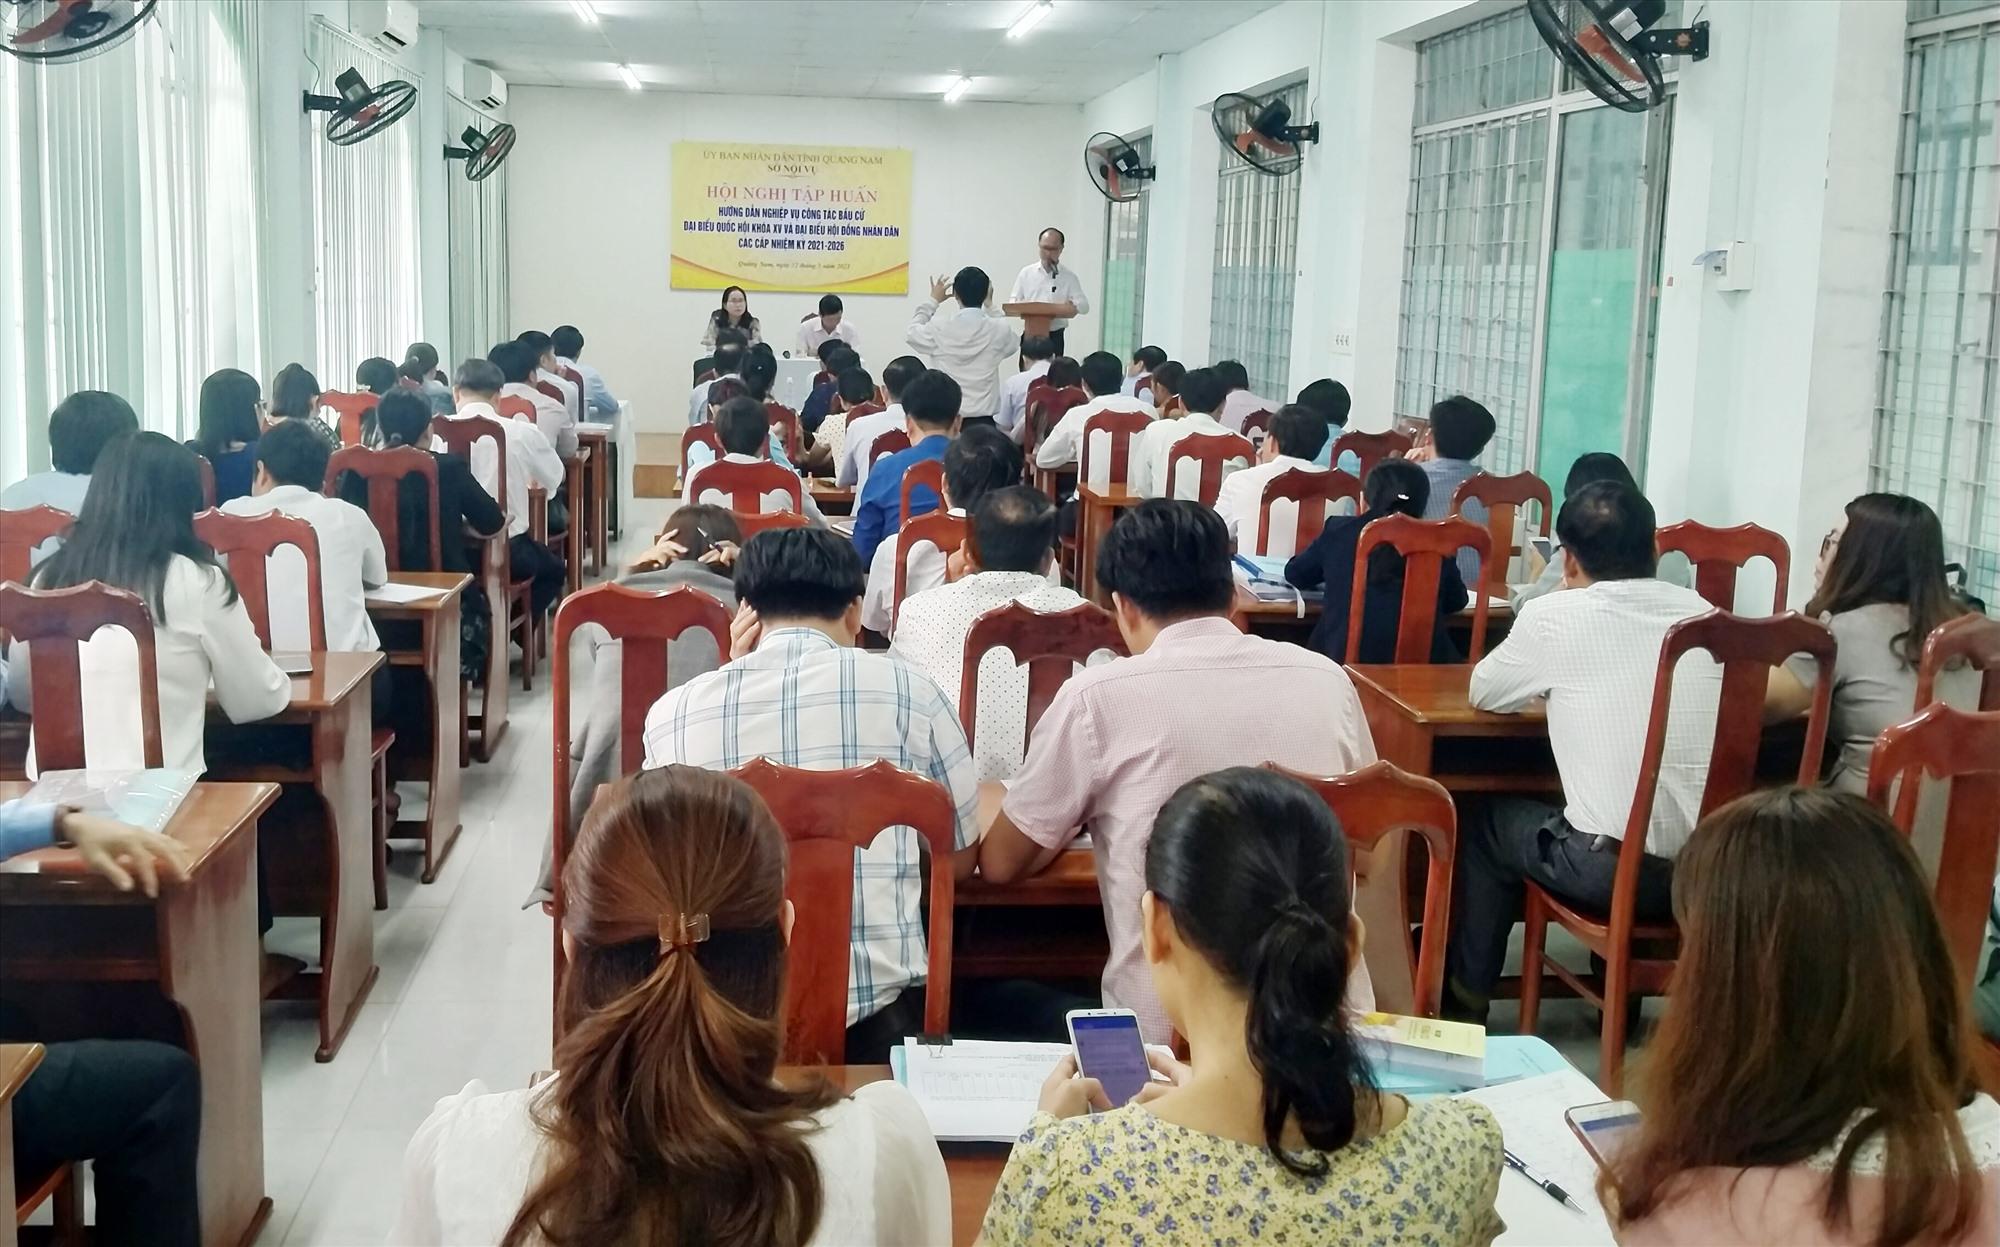 Quang cảnh hội nghị tập huấn nghiệp vụ bầu cử sáng nay 12.3. Ảnh: N.Đ